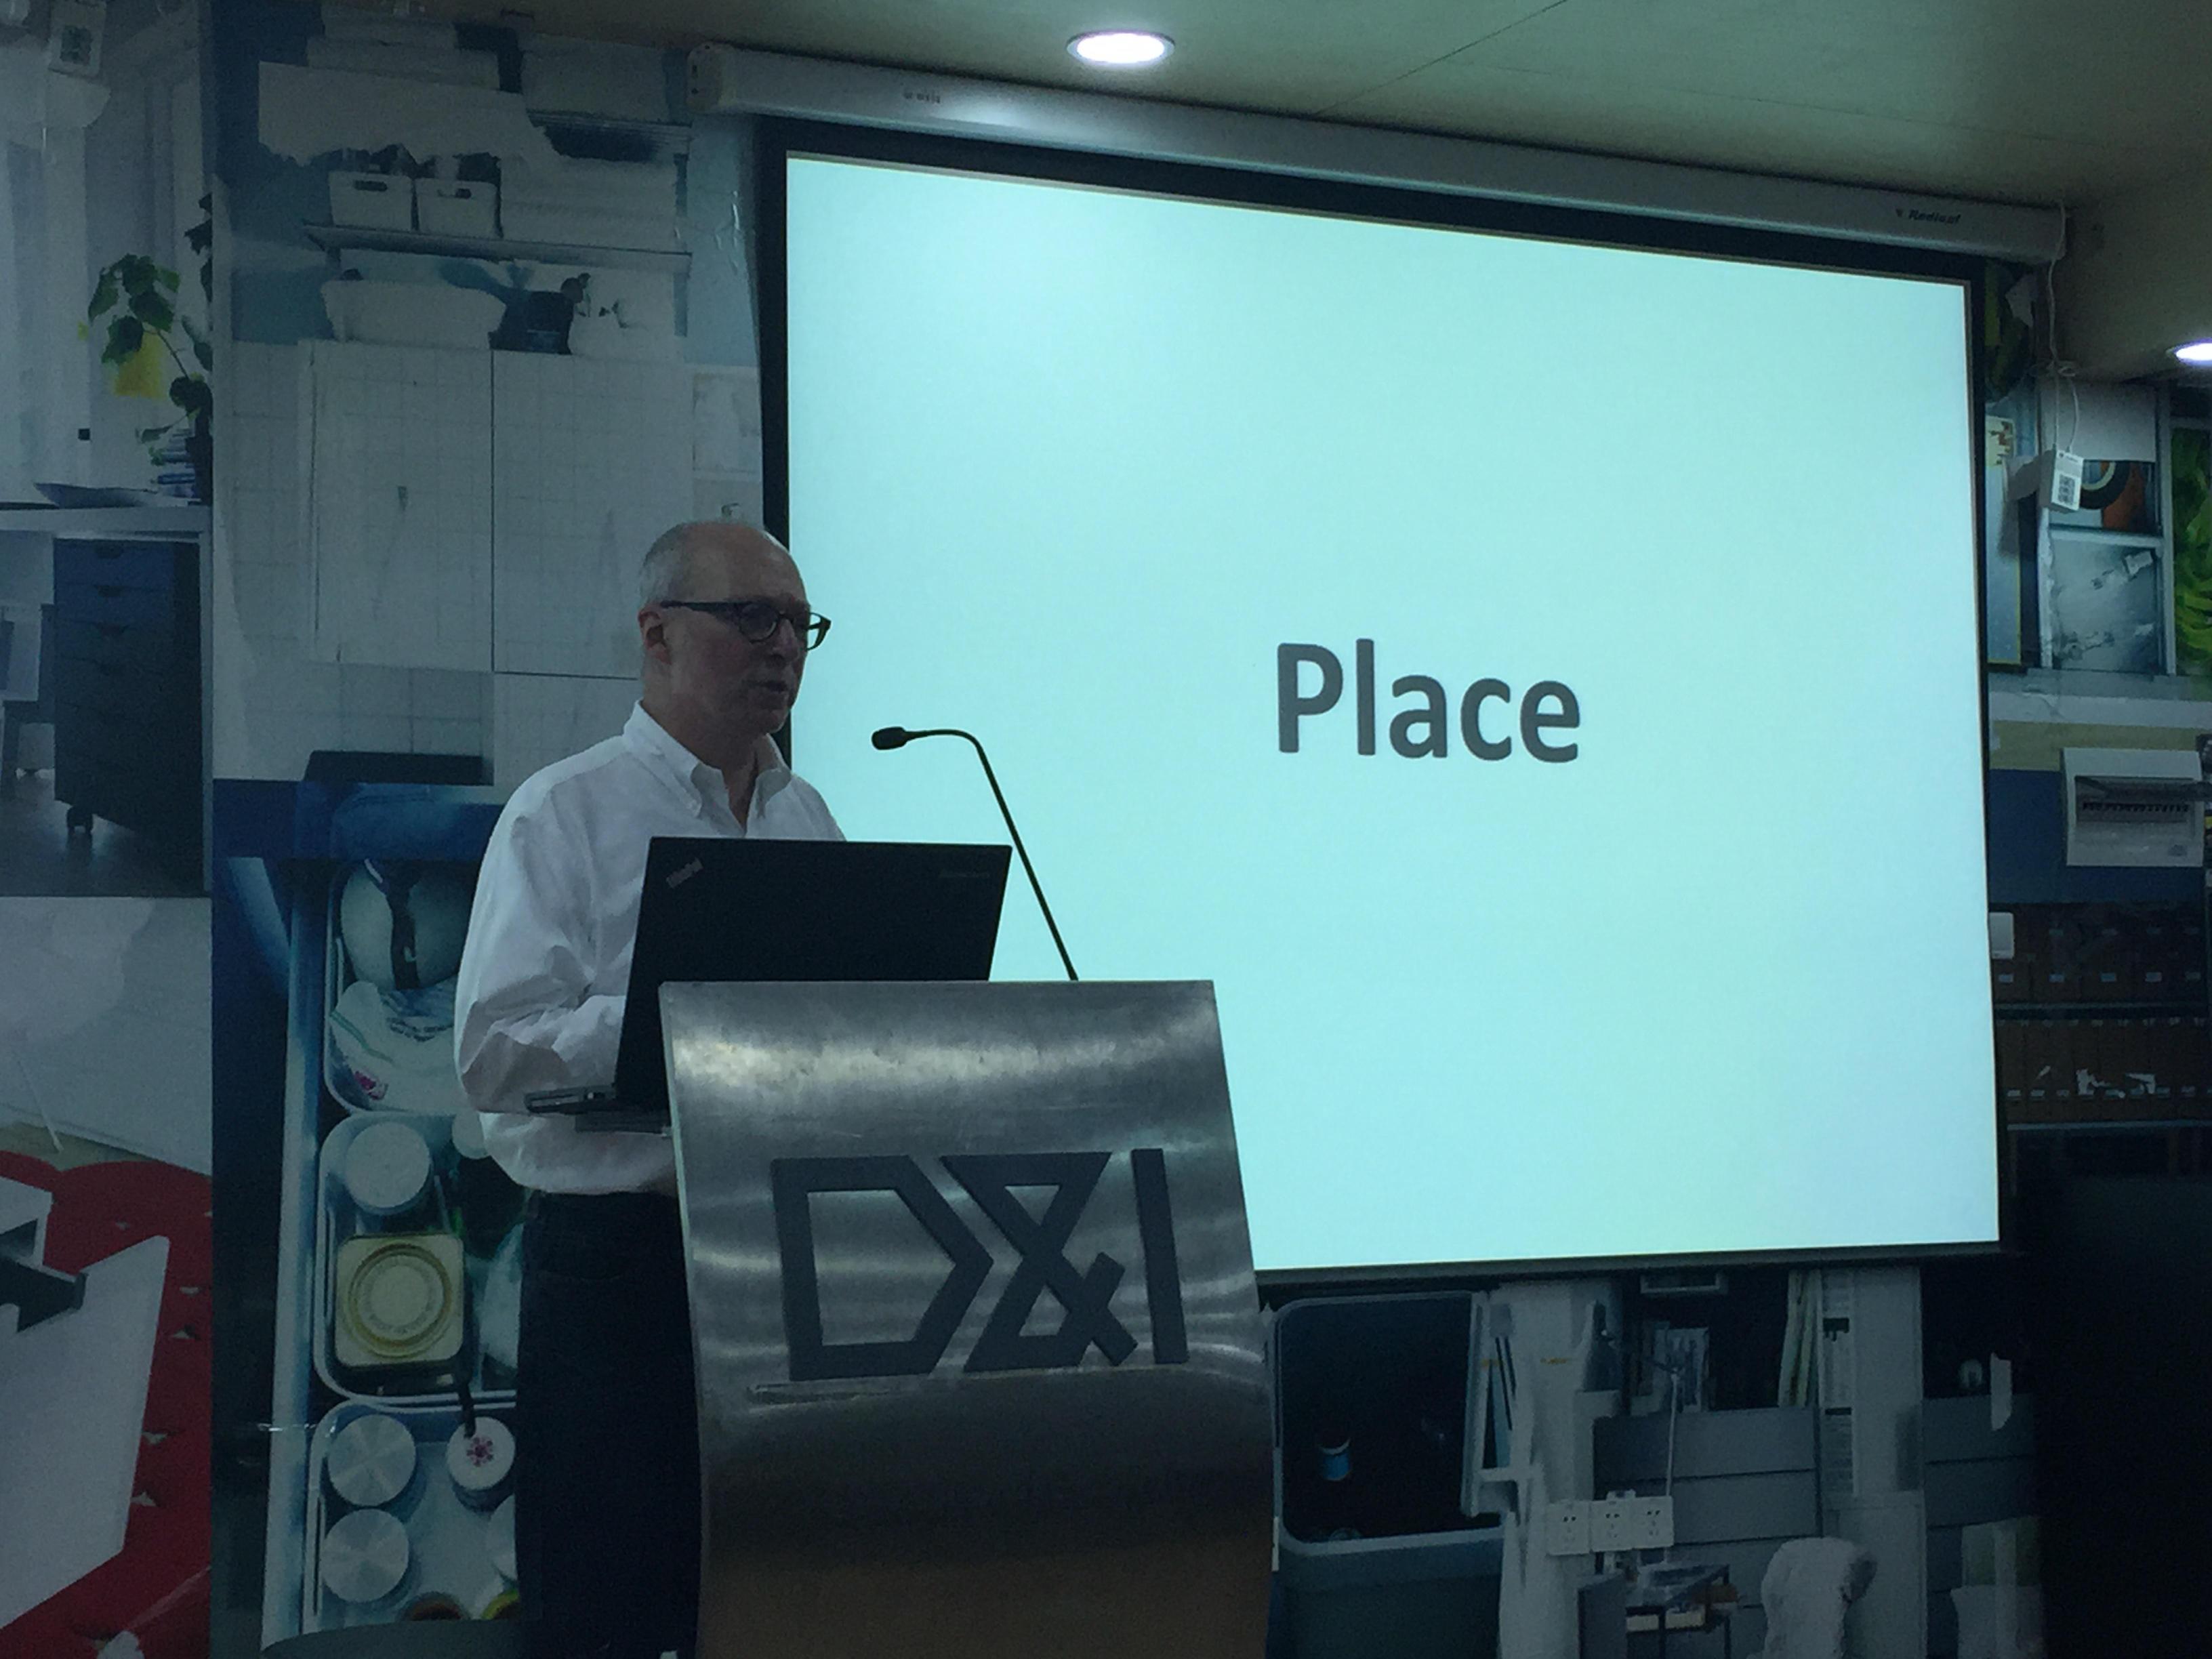 10月17日,由同济大学设计创意学院公共设计研究室发起的新 场 所论坛(NEW Place-making),邀请了多位国内外知名设计研究学者莅临演讲,以新为线索,共同探讨处于变革与更新中的场所营造研究与实践。嘉宾们通过相关设计案例,同听众分享了他们对于空间、场所、营造的独到见解。  设计创意学院的Ken Frideman教授从他对于空间场所的认识出发,分享了其在空间利用方面的经验。他以一段诗意的文字引出了本次论坛的主旨: We shall not cease from exploration and